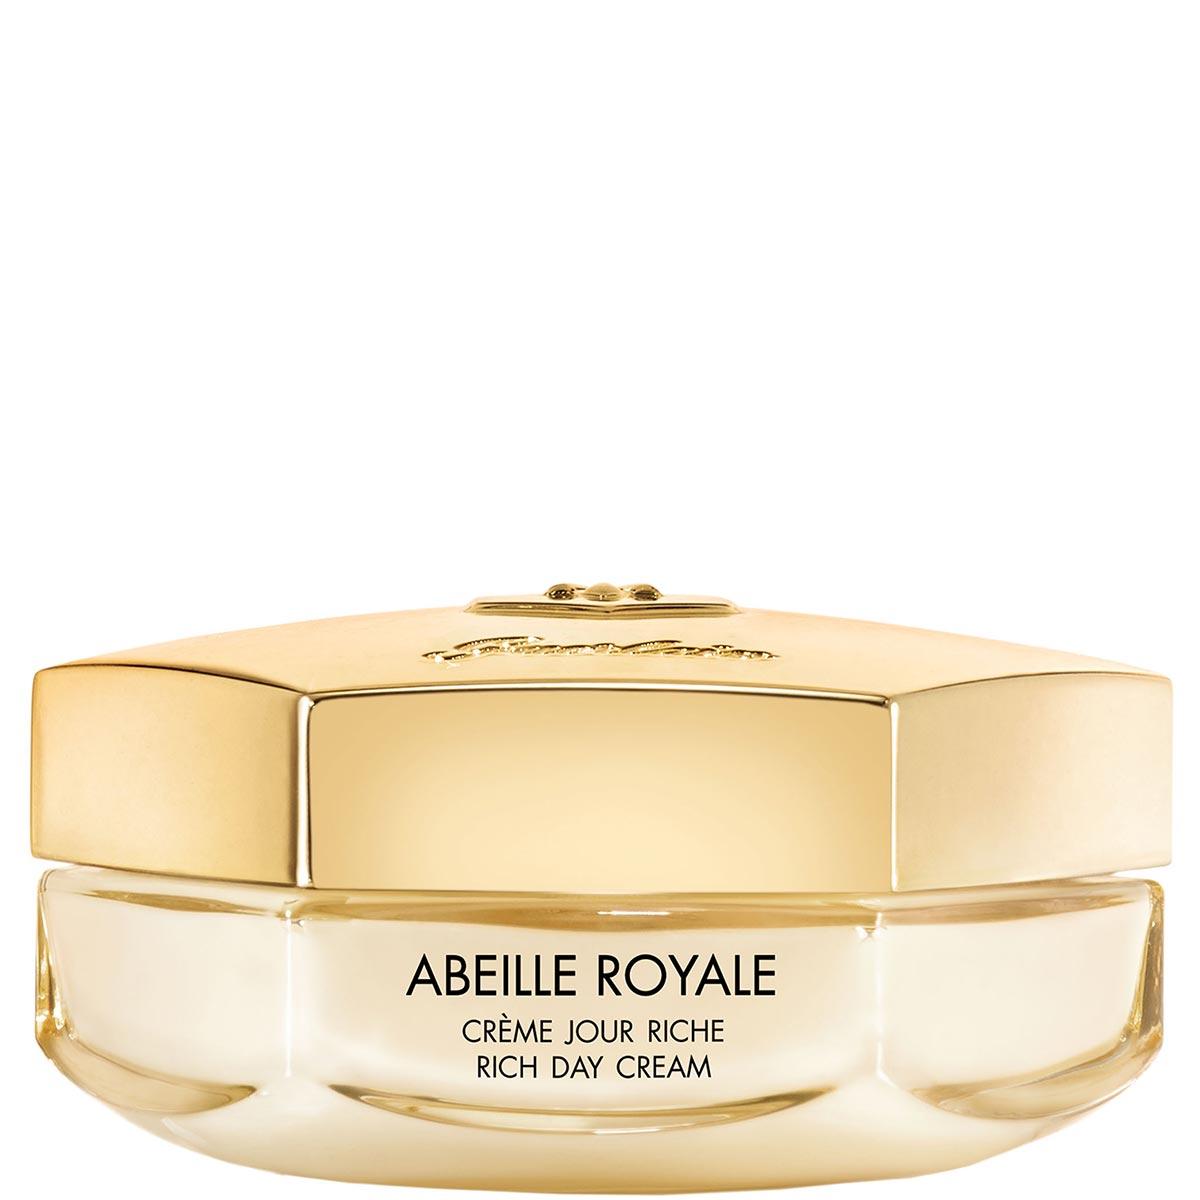 Crème Riche Abeille Royale - GUERLAIN